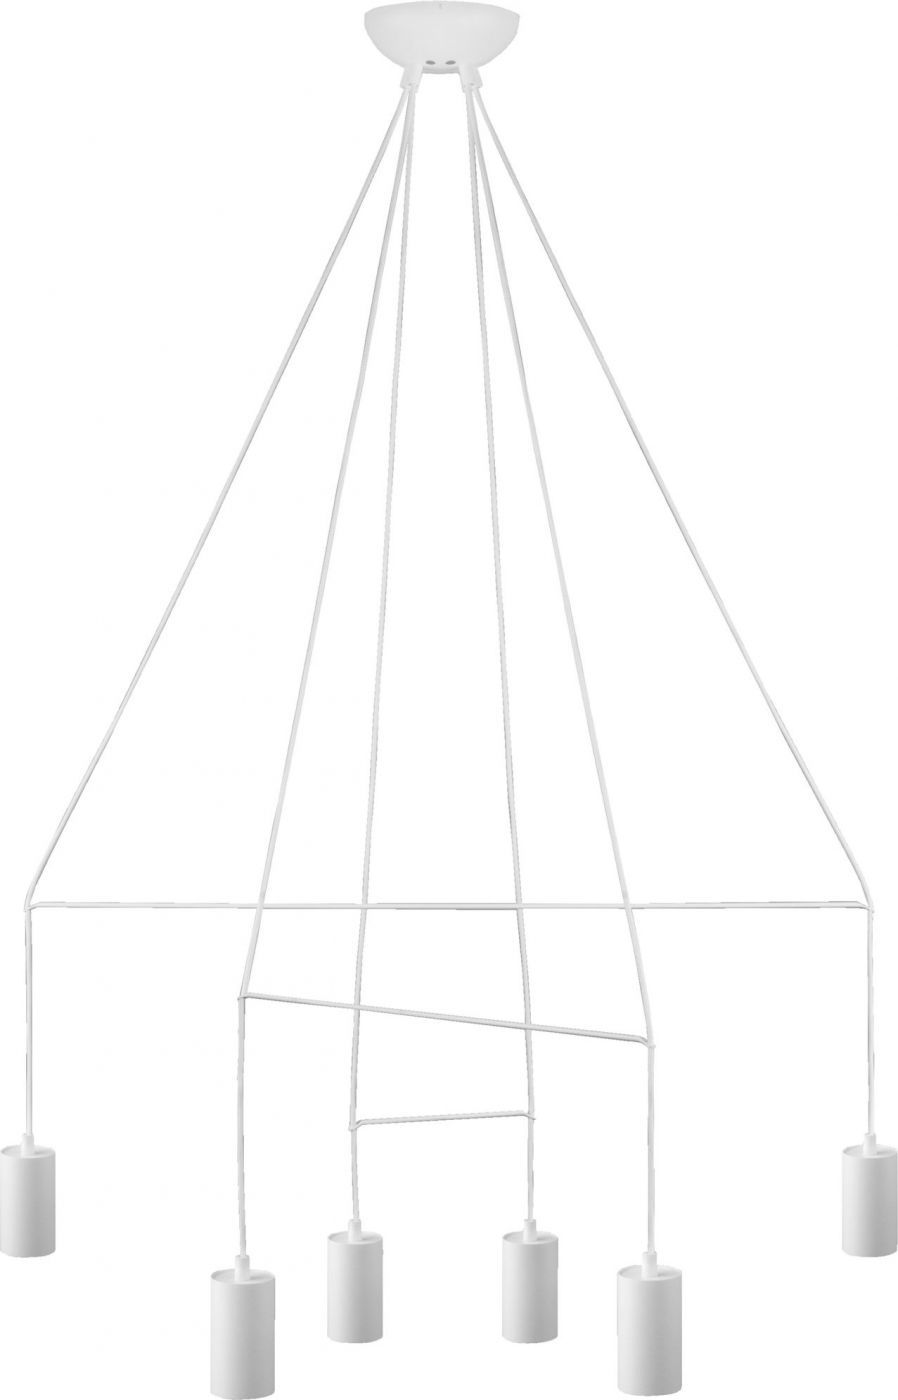 Lampa wisząca Imbria 9676 Nowodvorski Lighting nowoczesna oprawa w kolorze białym